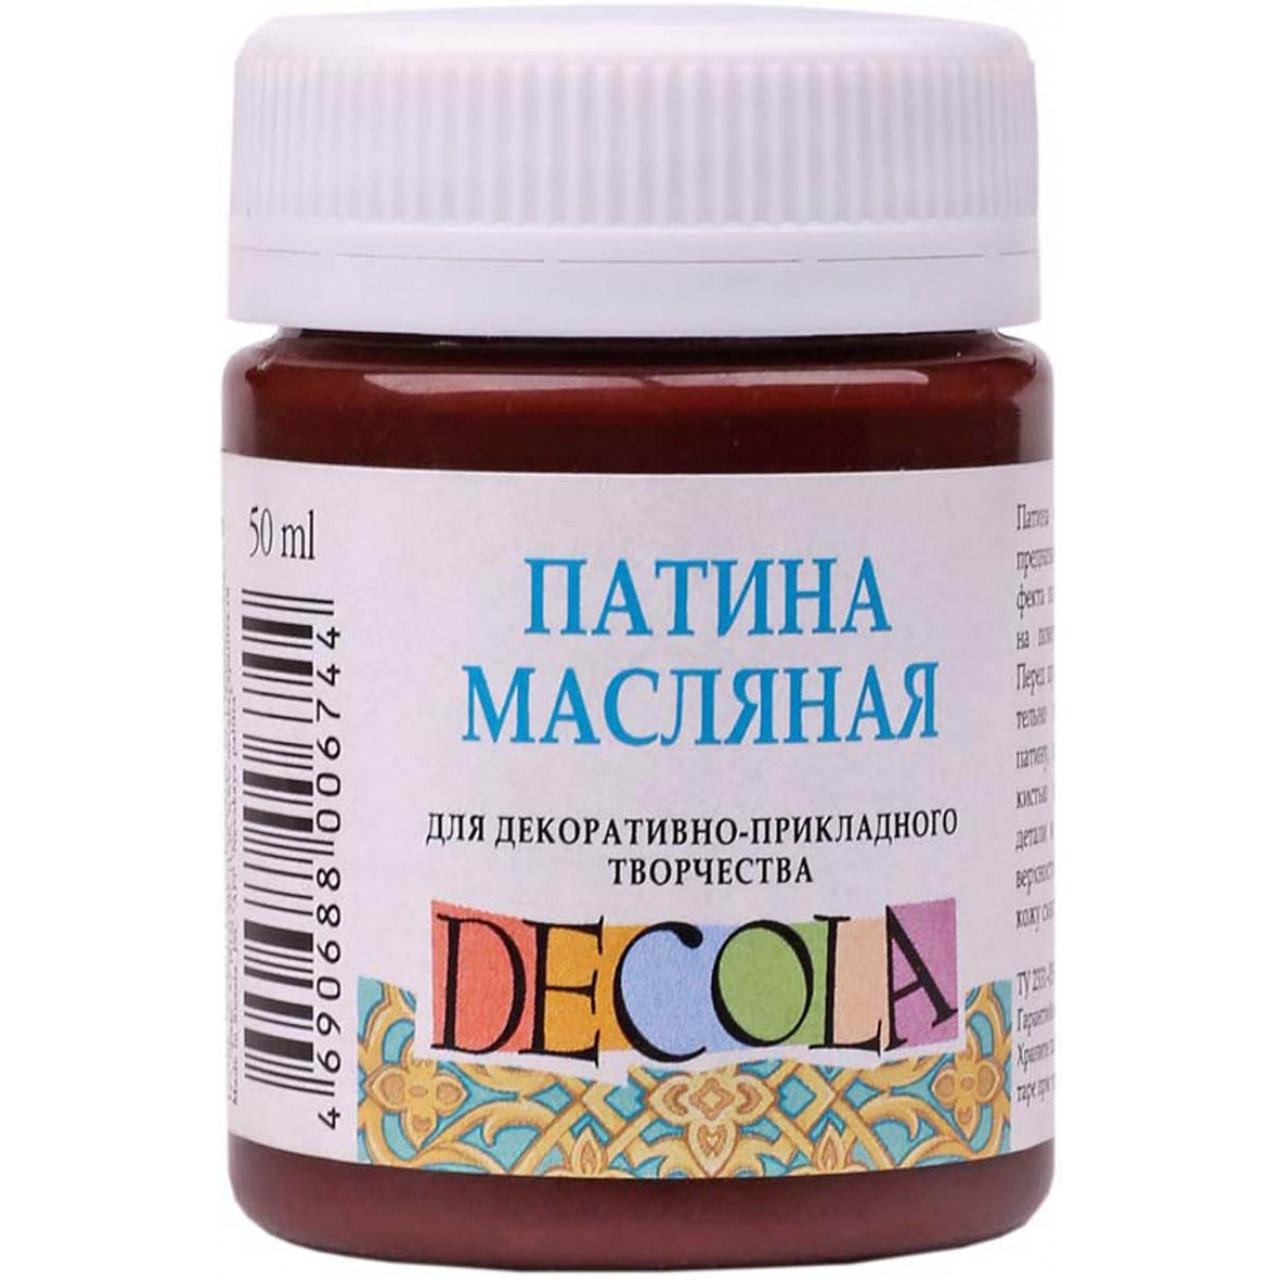 Краска масляная ДЕКОЛА, коричневая патина, 50мл ЗХК